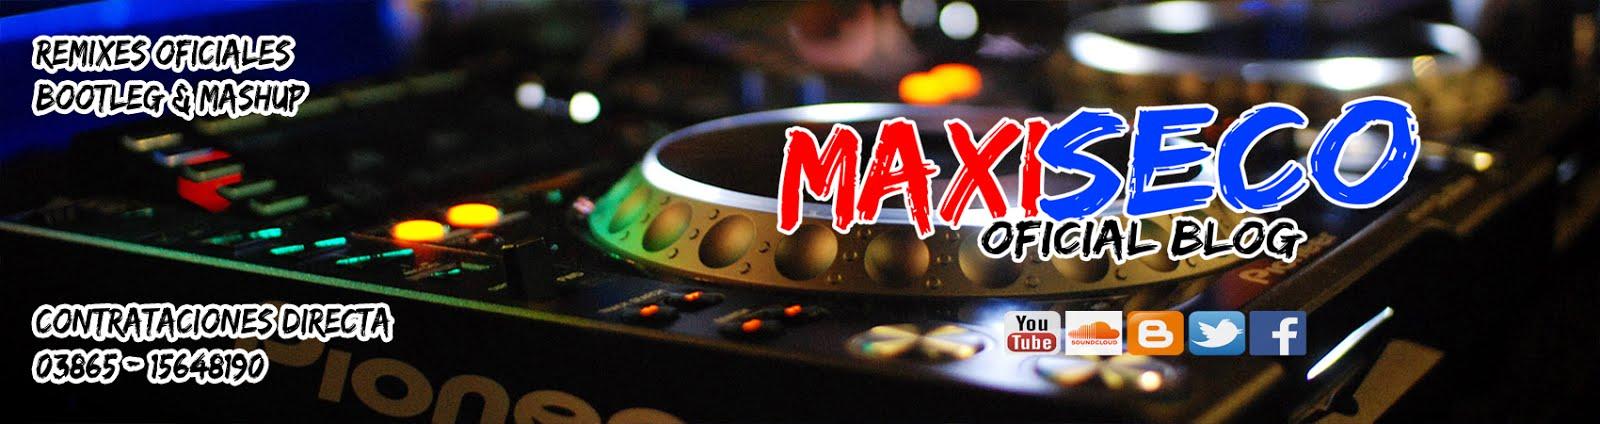 Dj Maxi Seco - Blog Oficial